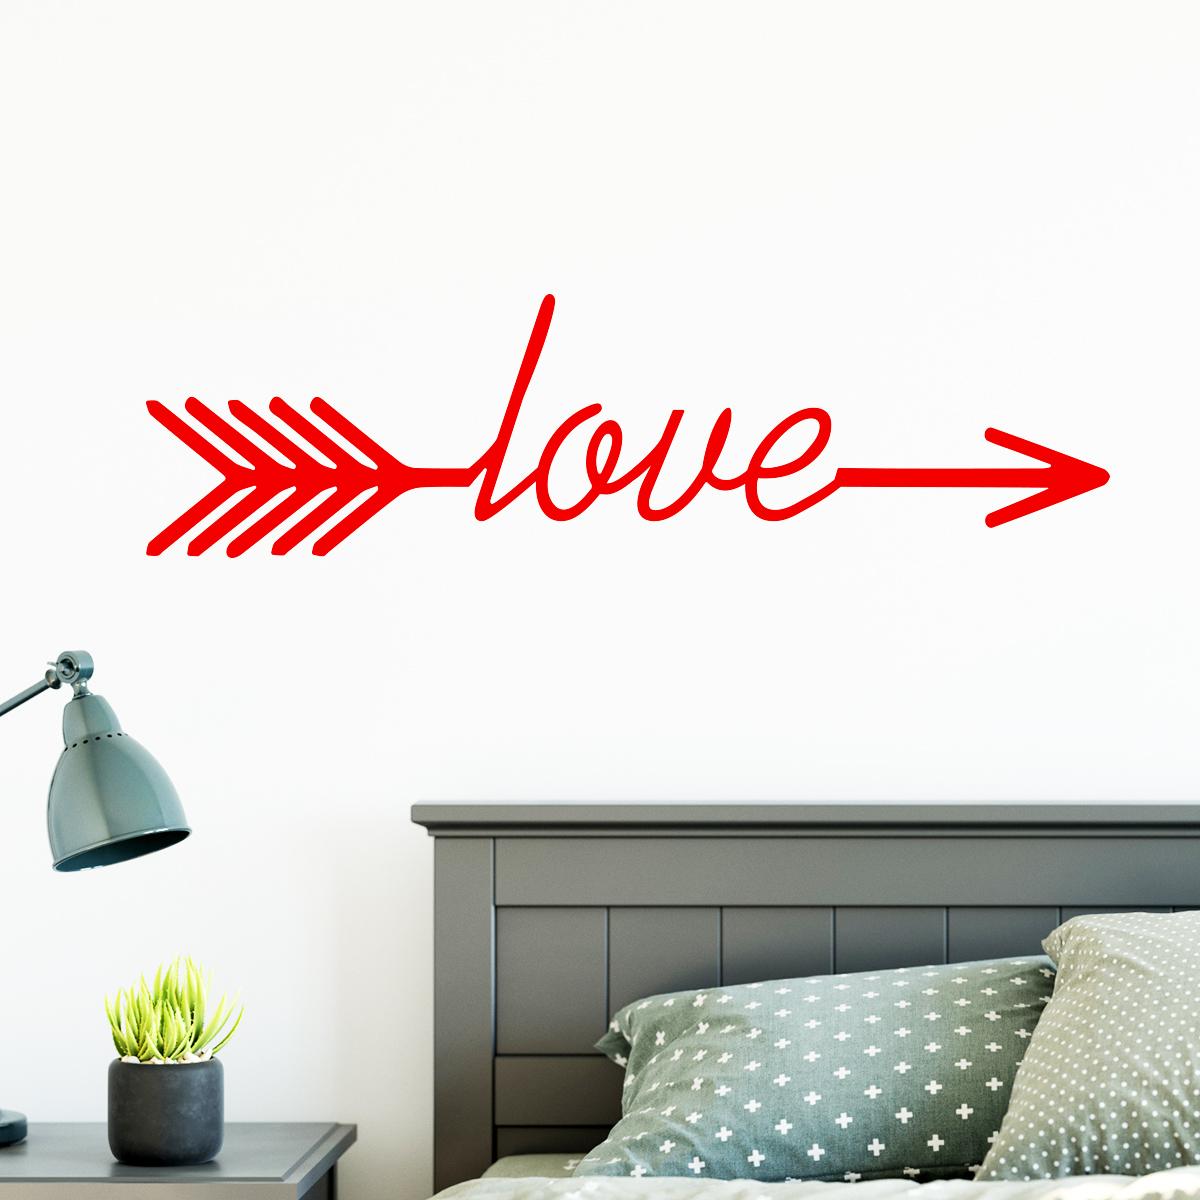 Sticker Design flche love  Stickers STICKERS FTES Stickers SaintValentin  ambiancesticker